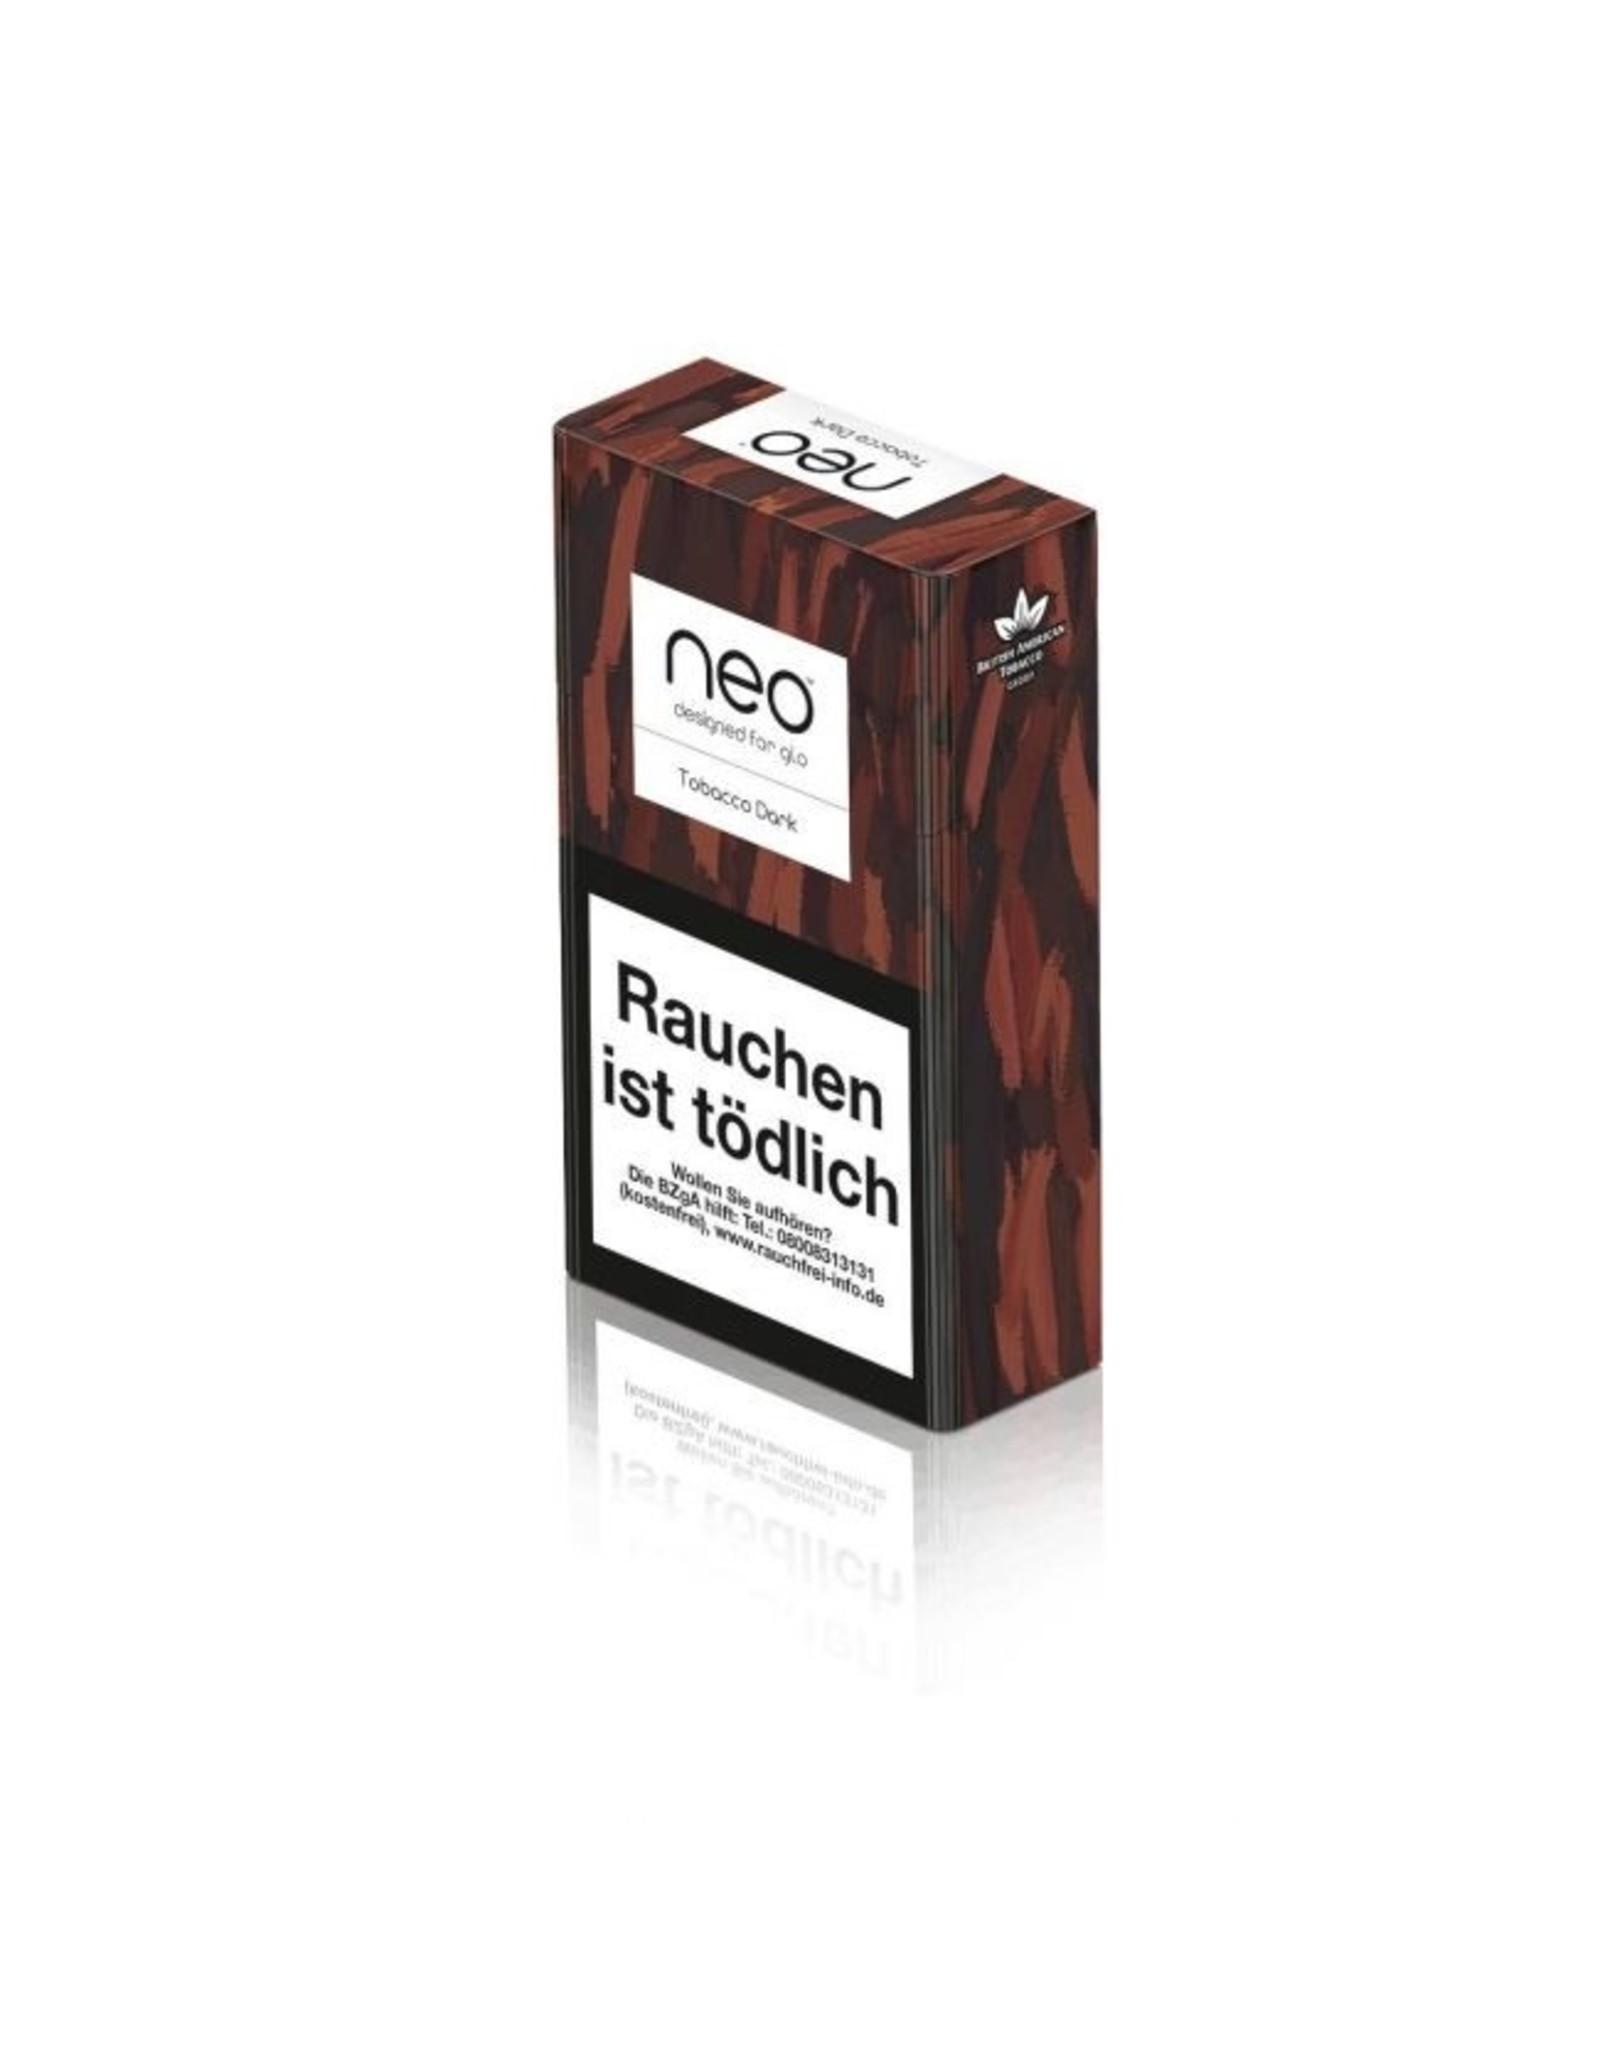 GLO NEO Tobacco Dark - Tabak Sticks Einzelpackung